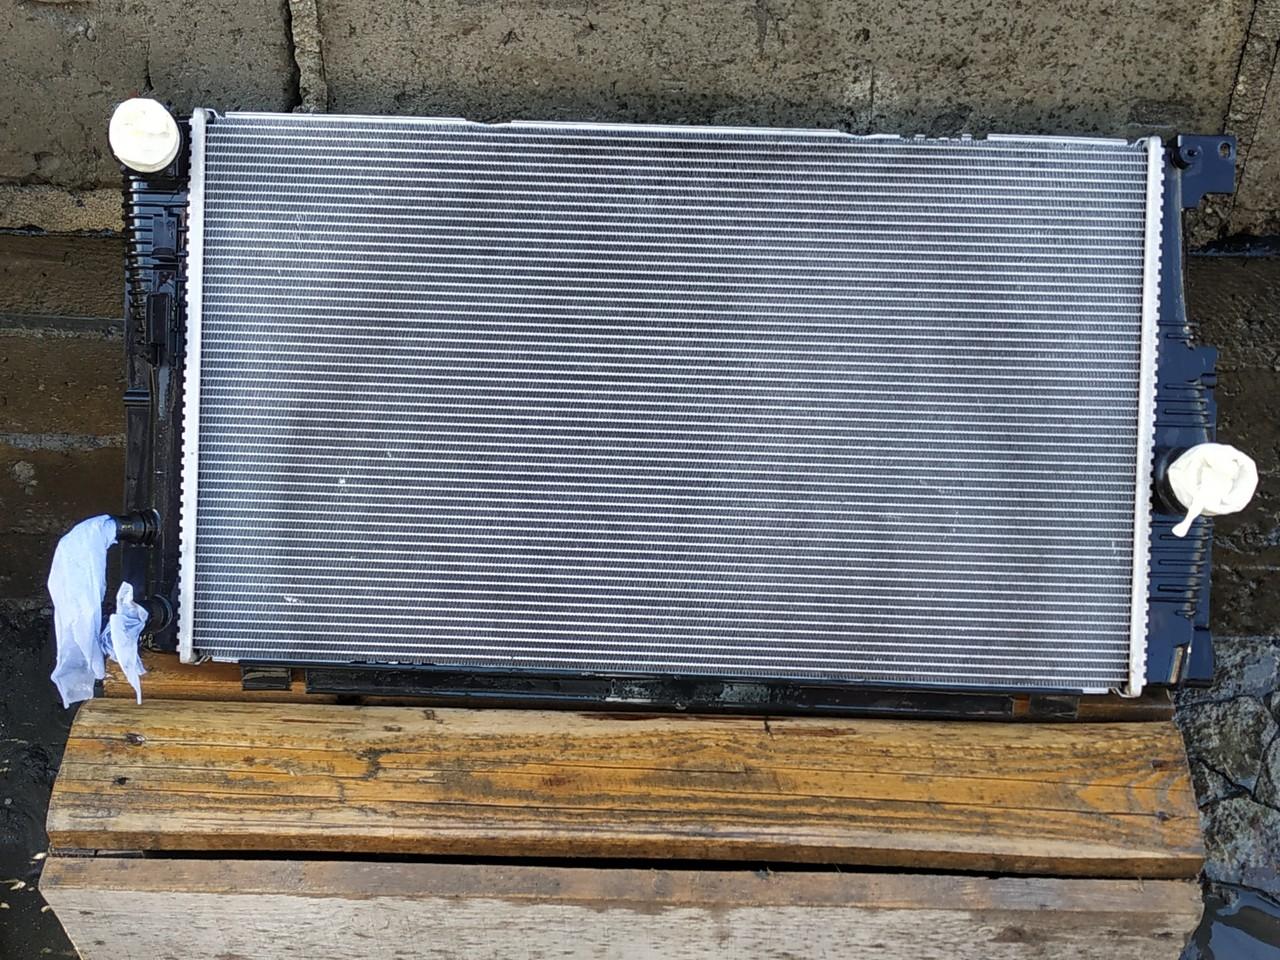 Радиатор F10 после мойки